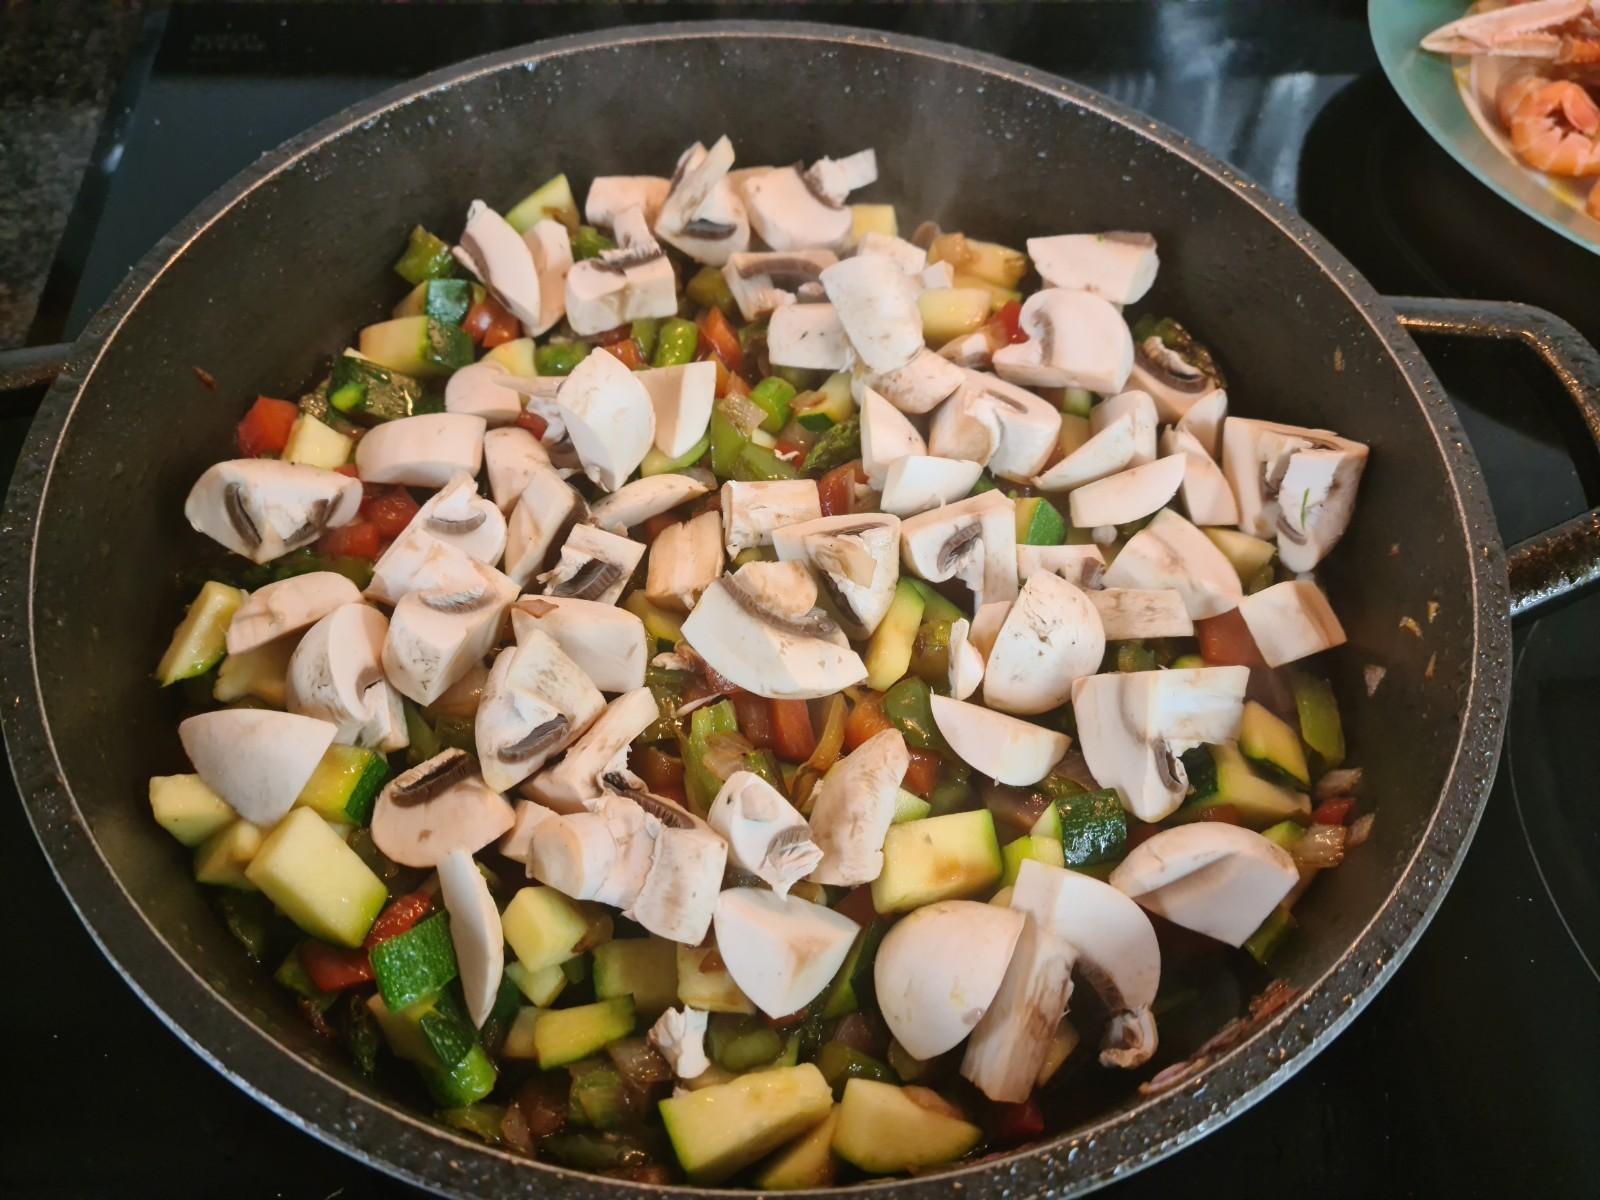 Una vez rehogada las verduras añadimos primero el calabacín y seguido los champiñones